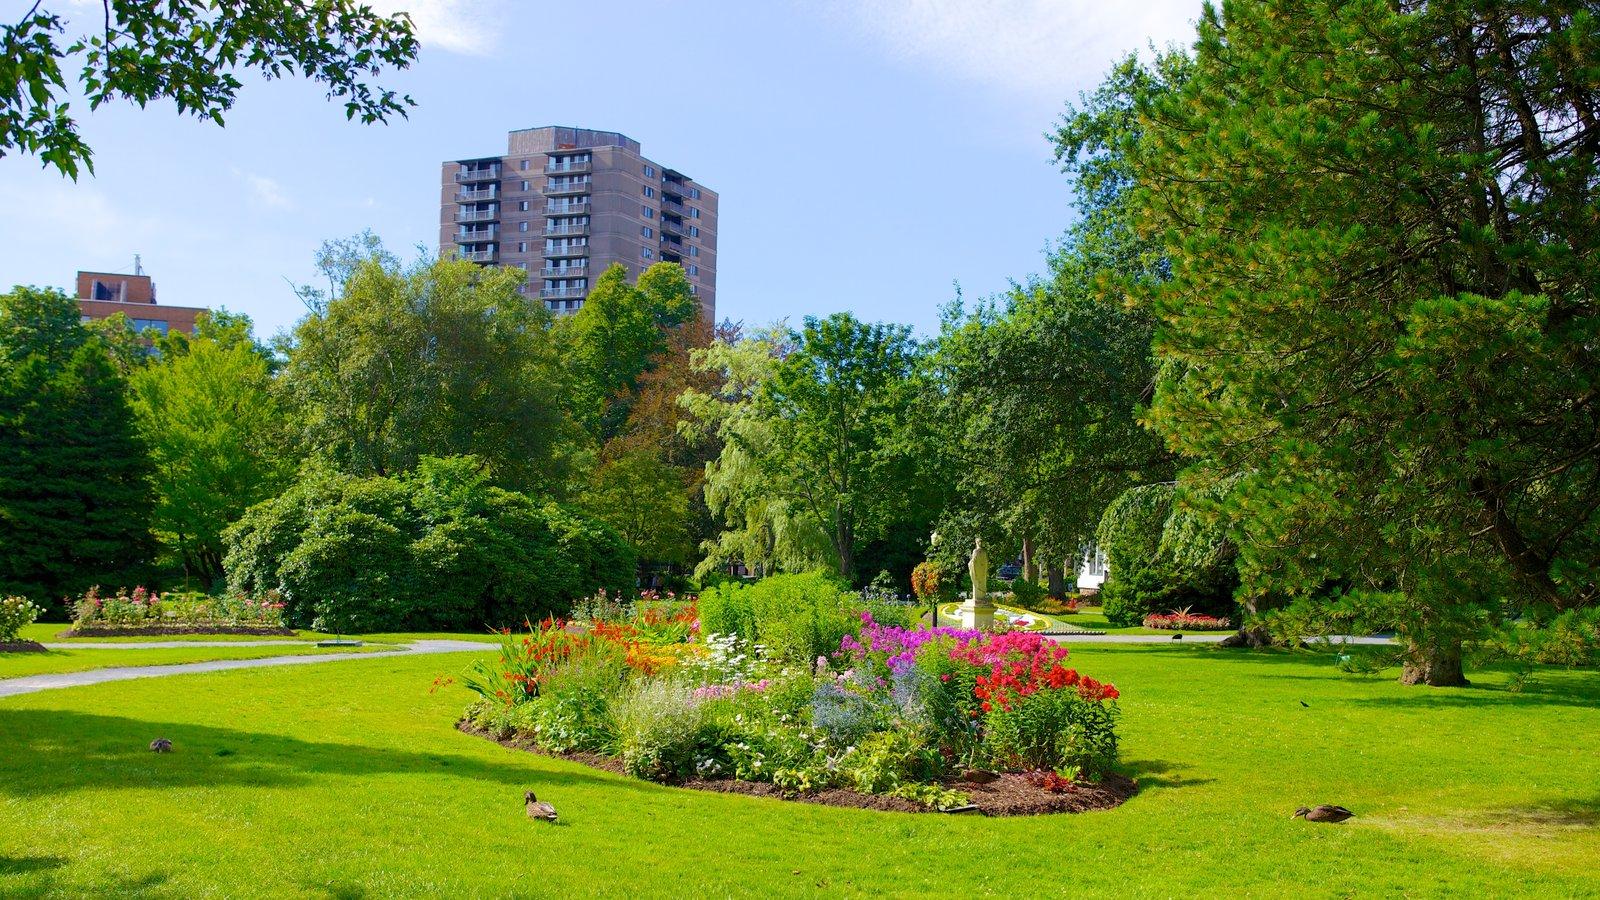 Jardines públicos Halifax mostrando un jardín